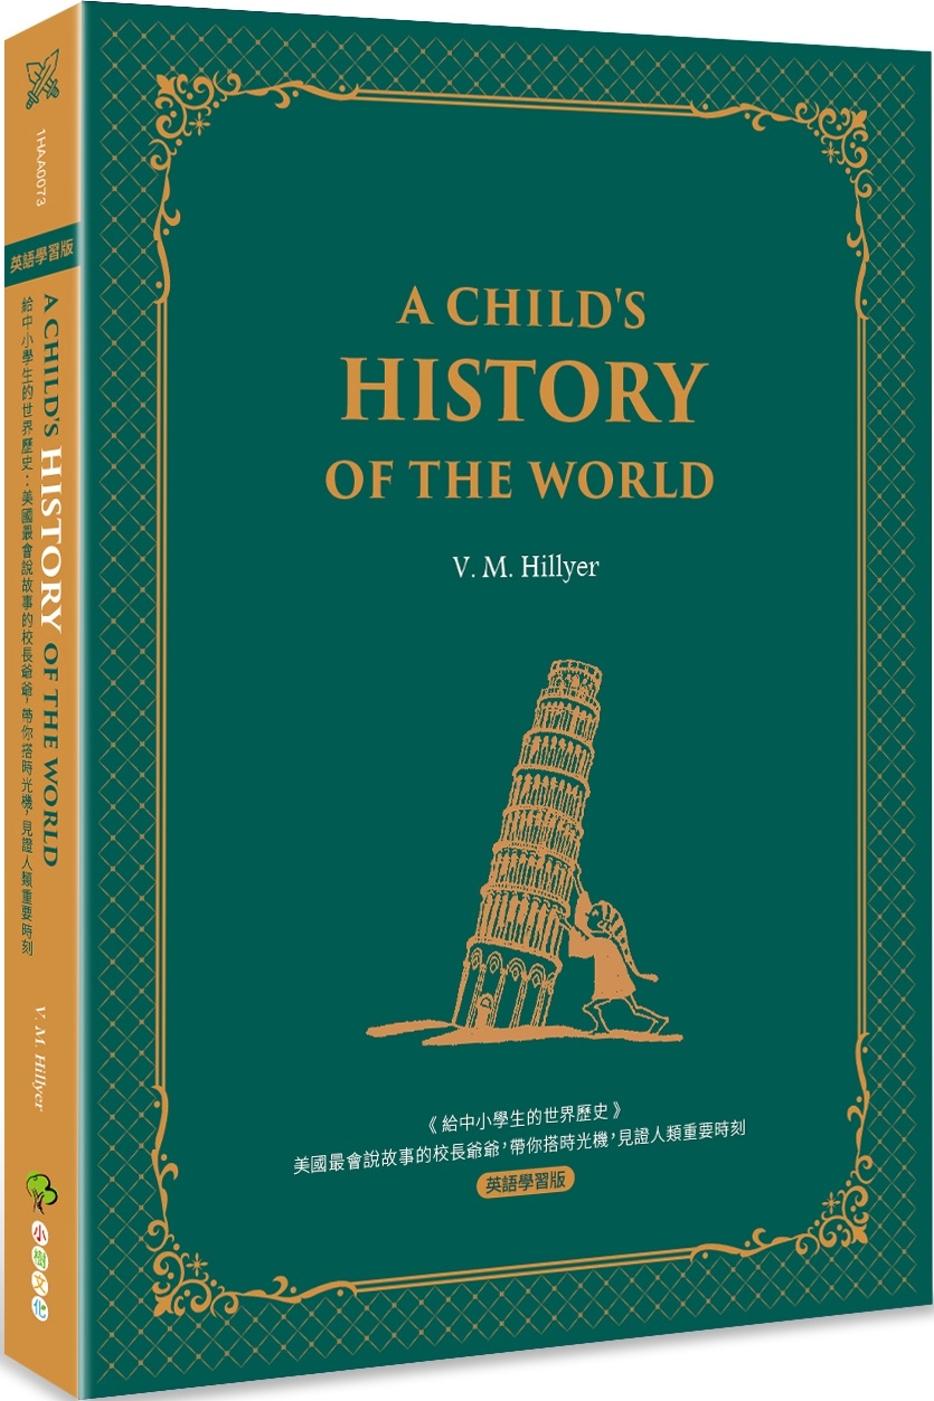 給中小學生的世界歷史【西方家庭必備,經典英語學習版】A Child's History of the World:美國最會說故事的校長爺爺,帶你搭時光機,見證人類重要時刻